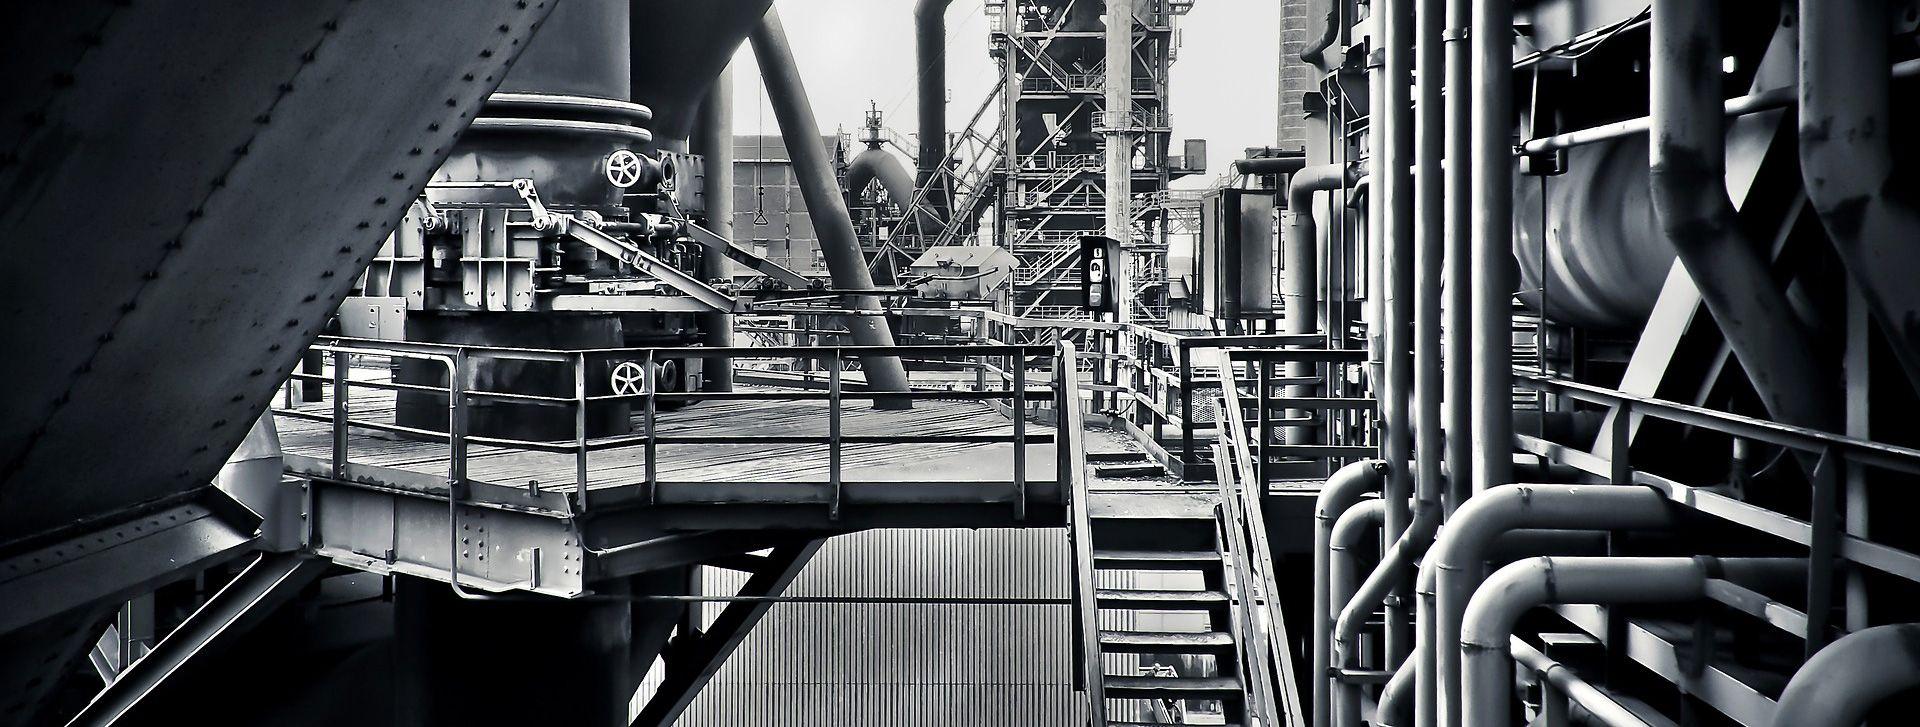 Usługi montażowe i remontowe w przemyśle i energetyce